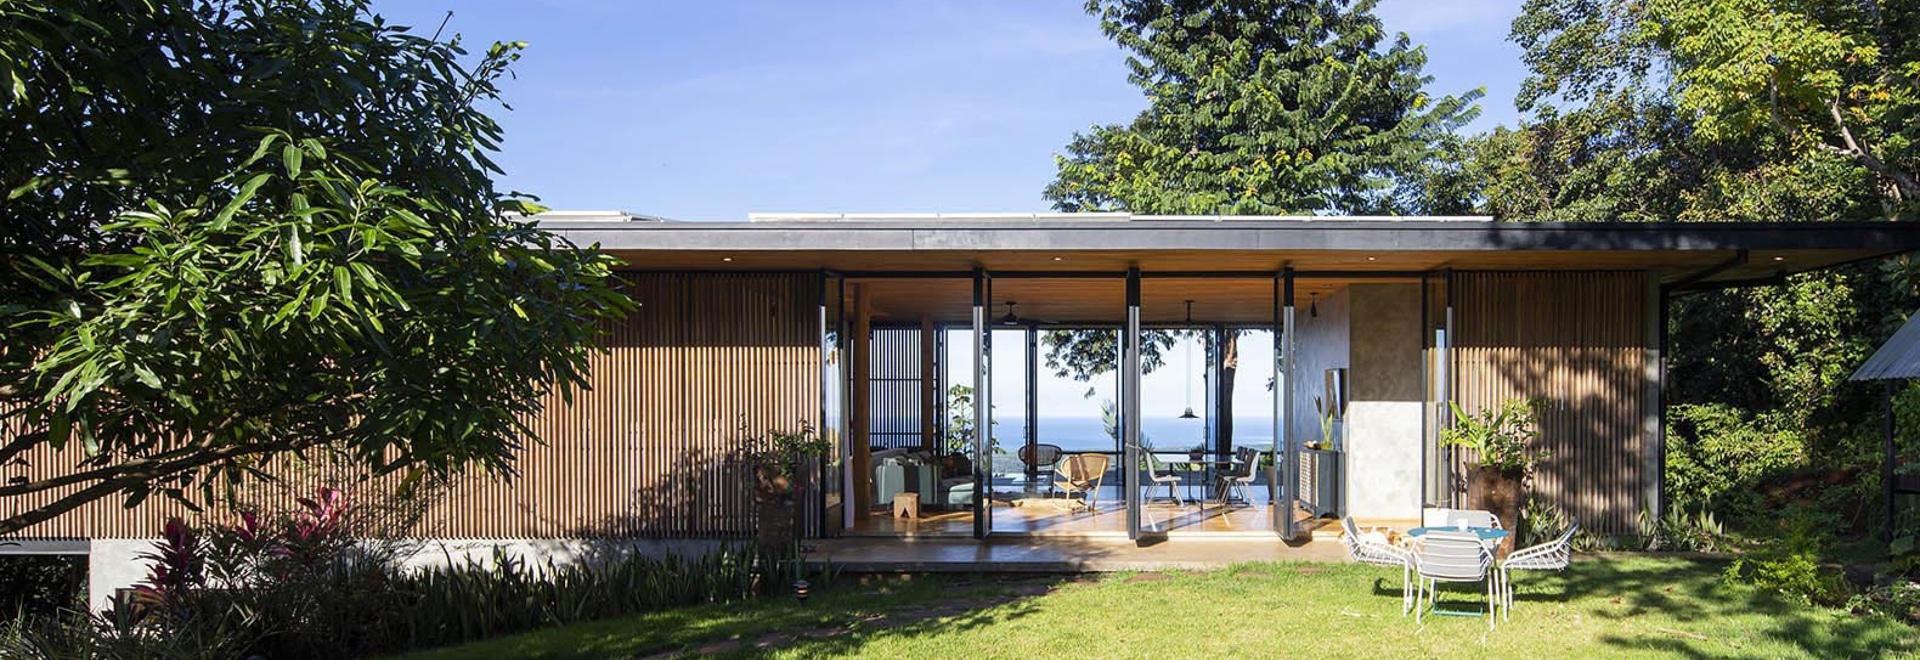 Holzgitterwände belüften dieses schöne Haus in Costa Rica